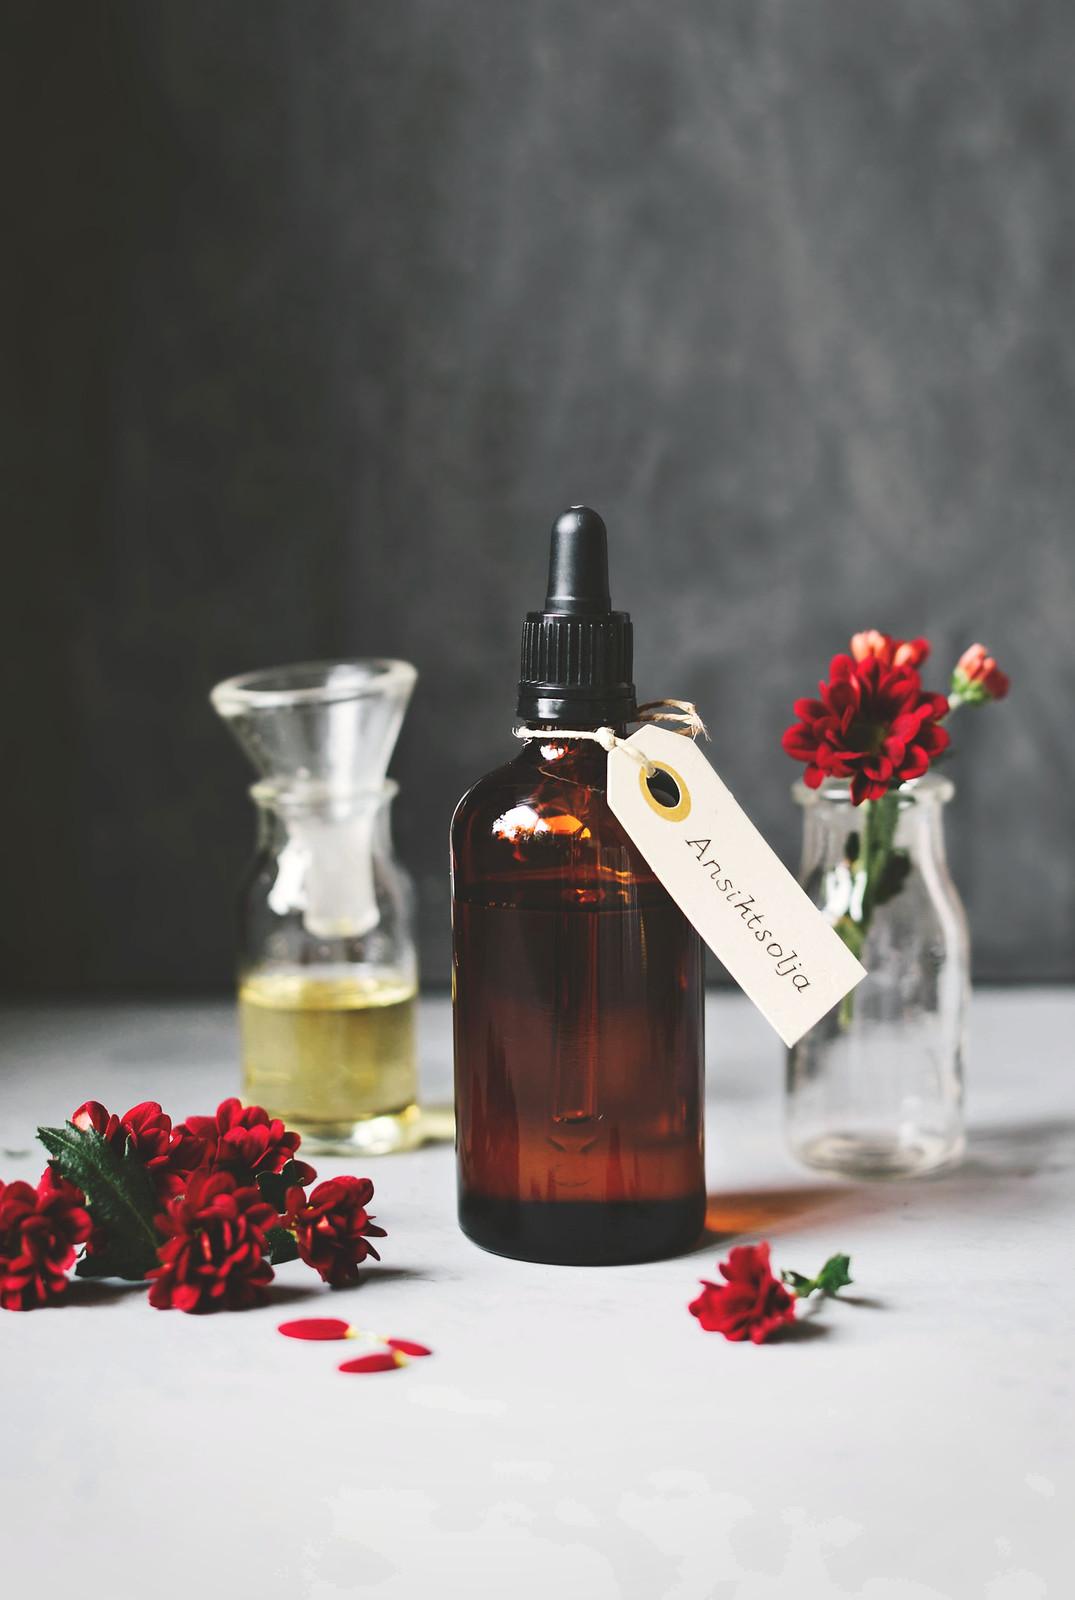 Hemmagjord ansiktsolja / DIY Face oil - Evelinas Ekologiska